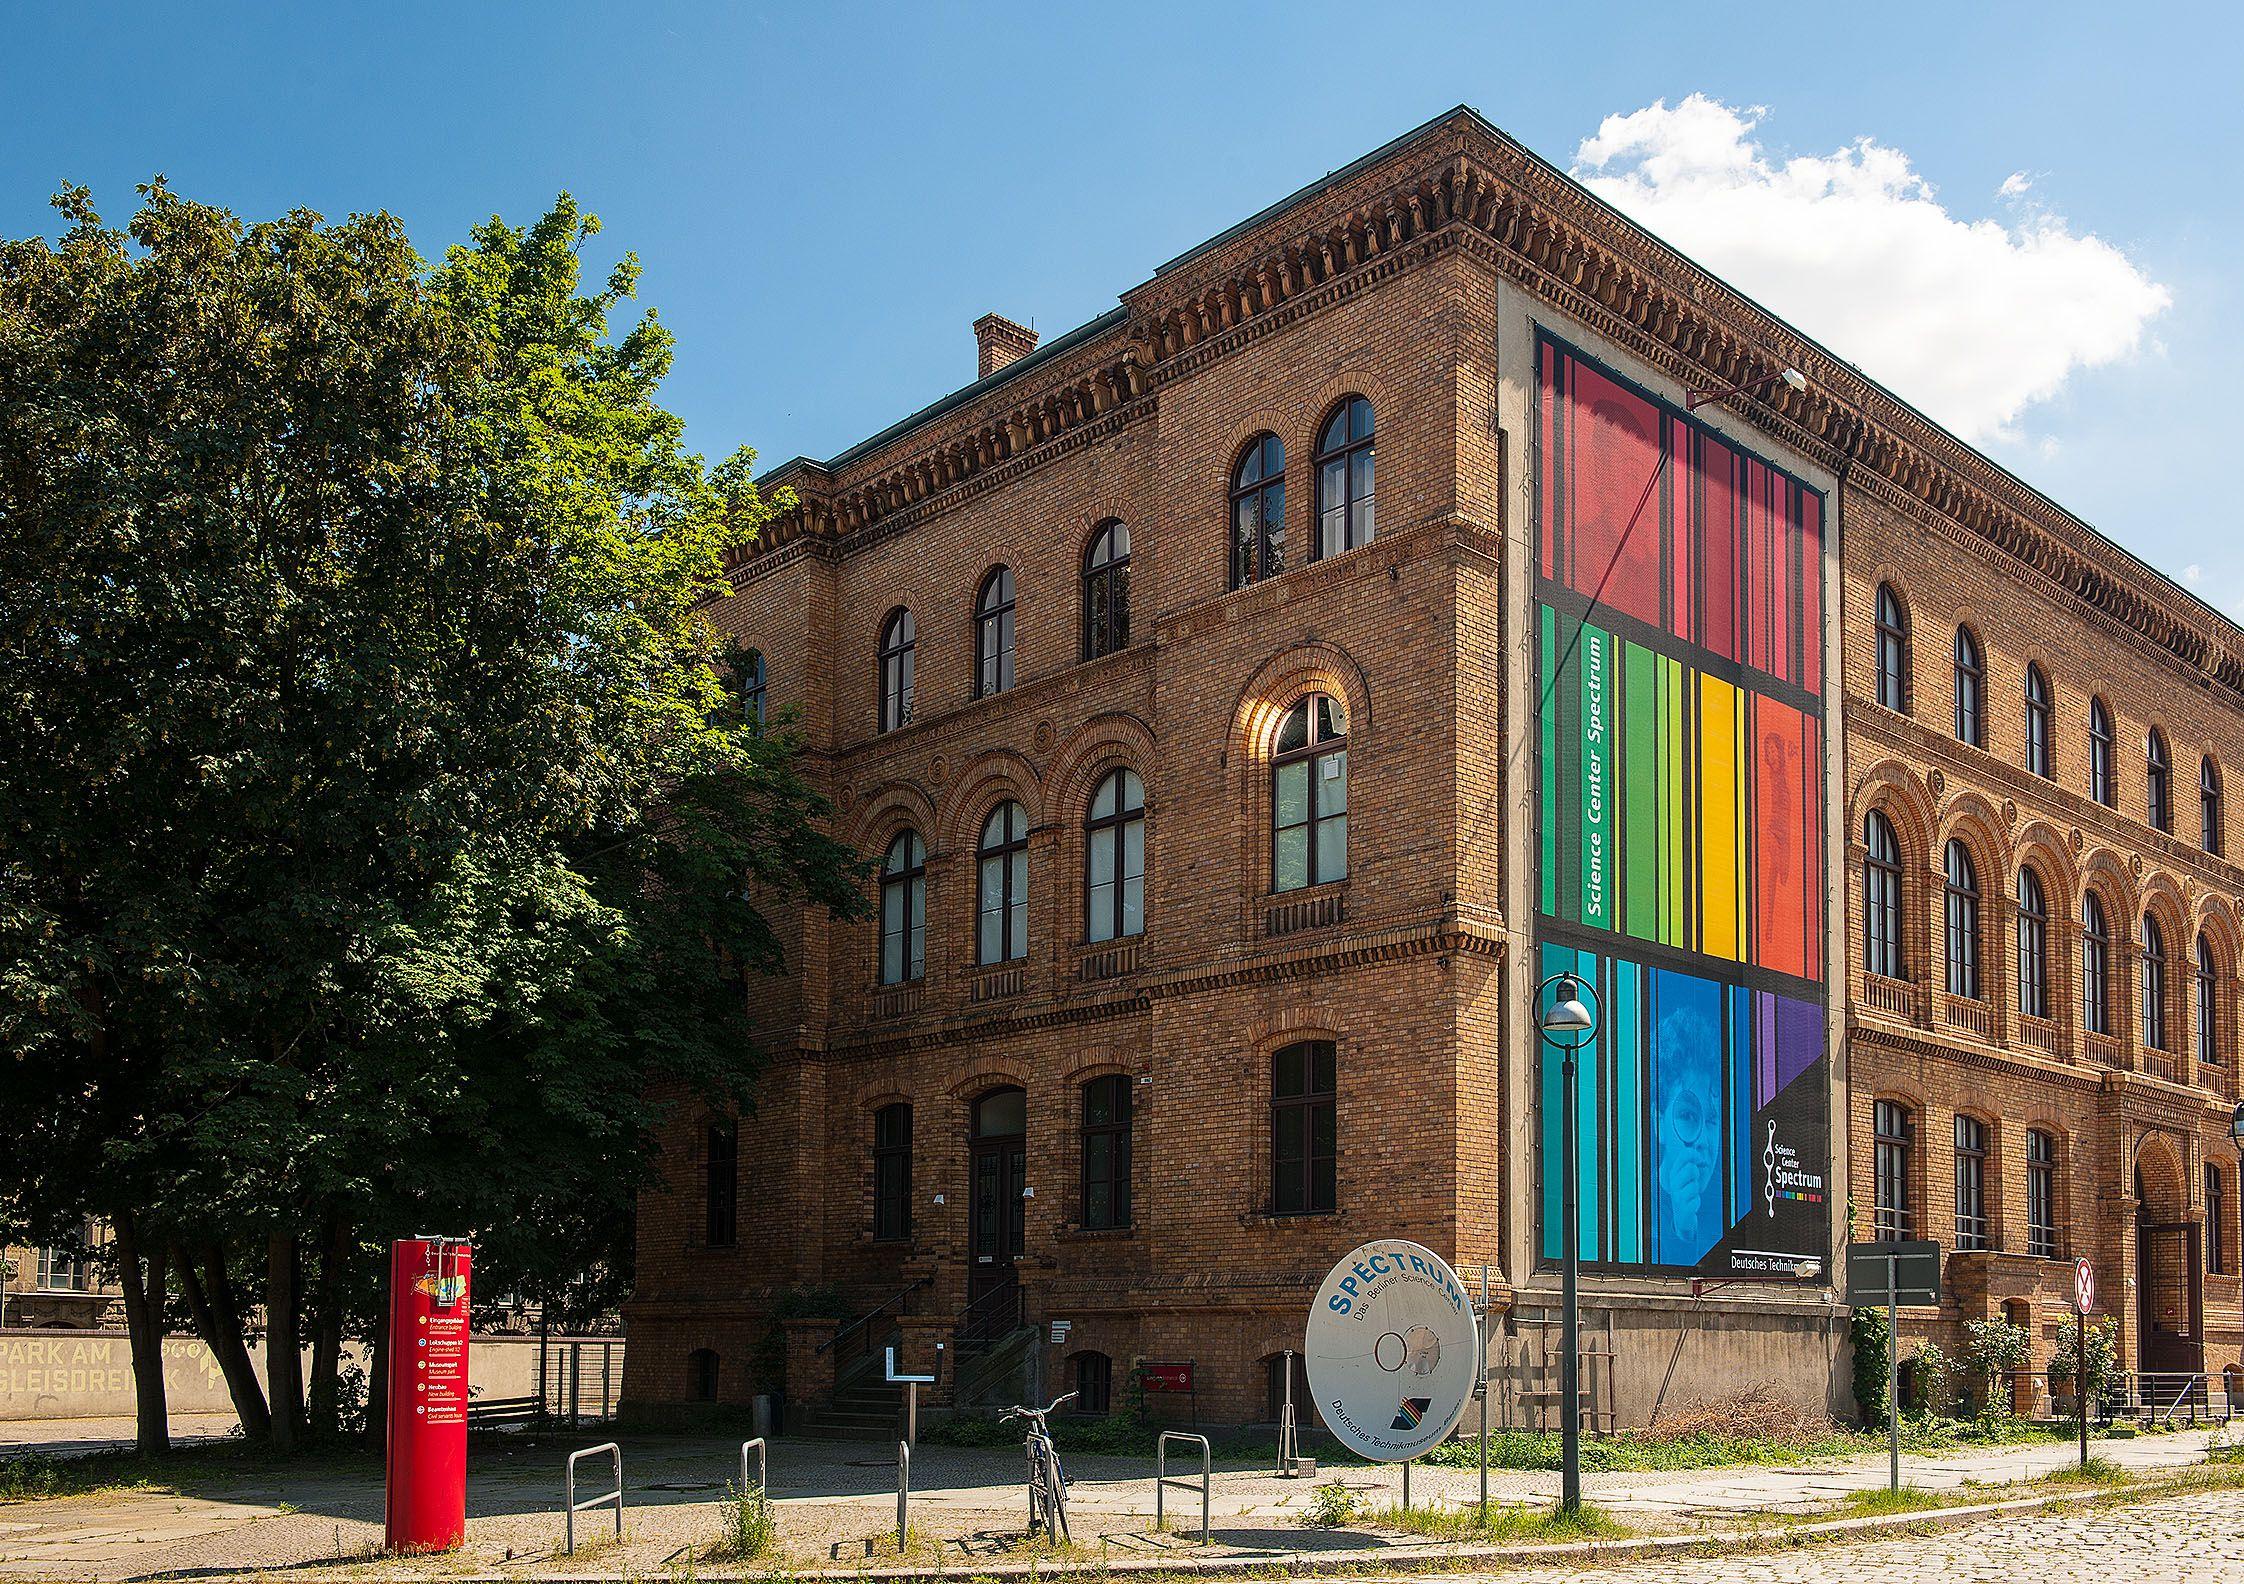 Außenansich des Science Center Spectrum des Deutschen Technikmuseums in Berlin.